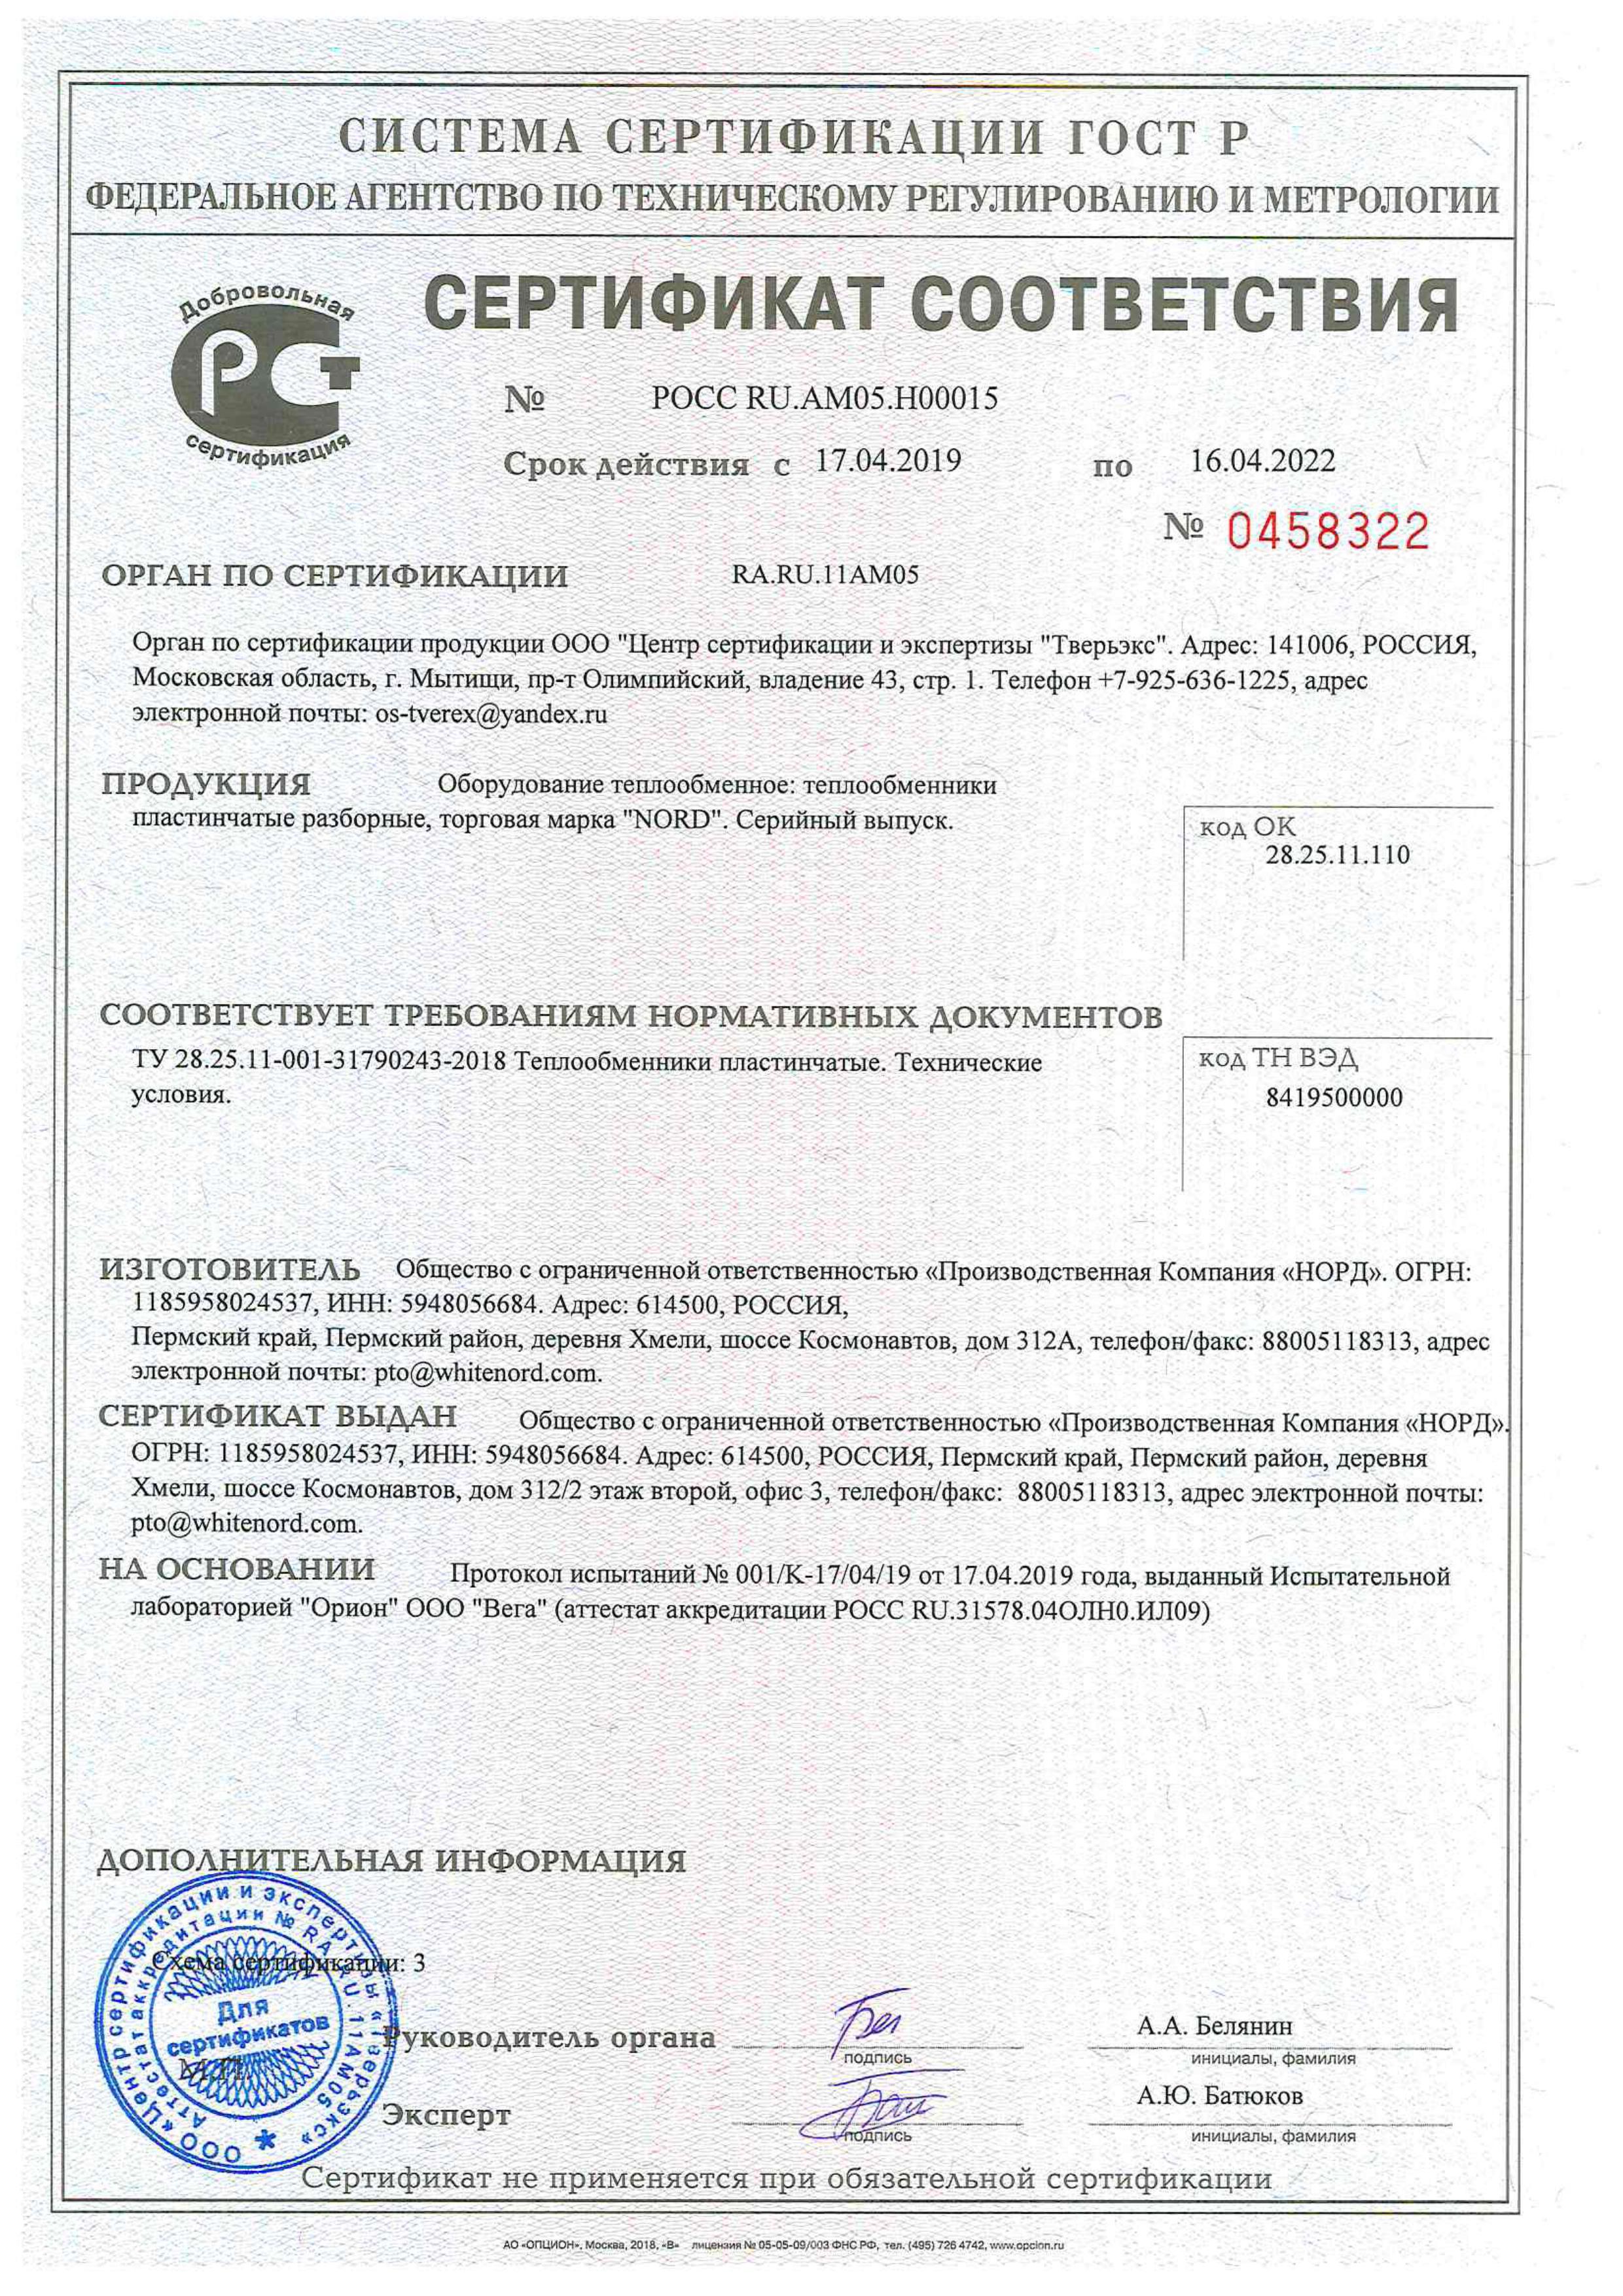 sertifikat-sootvetstviya-2